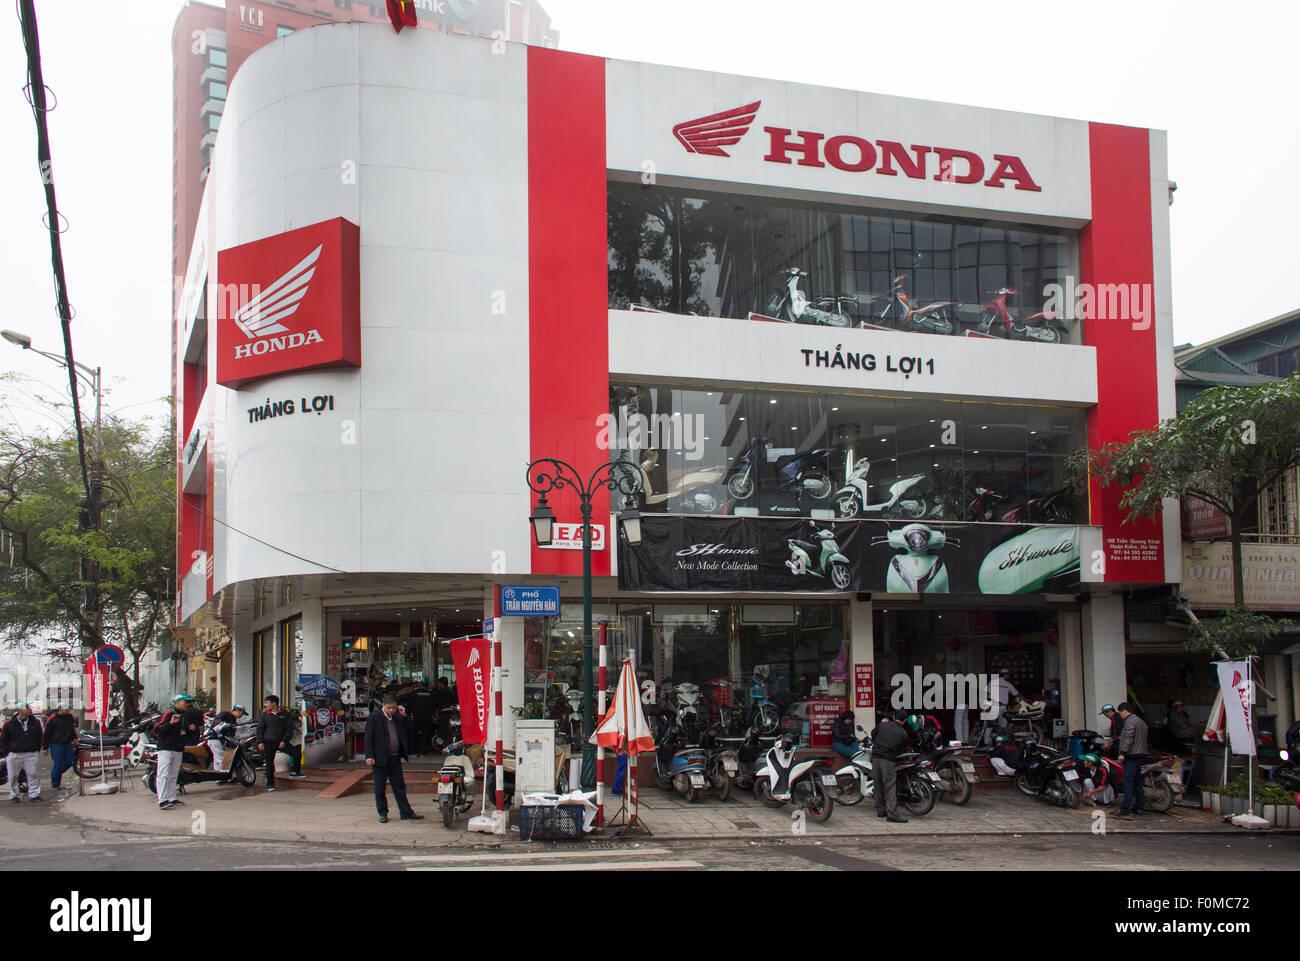 Kelebihan Kekurangan Dealer Honda Spesifikasi